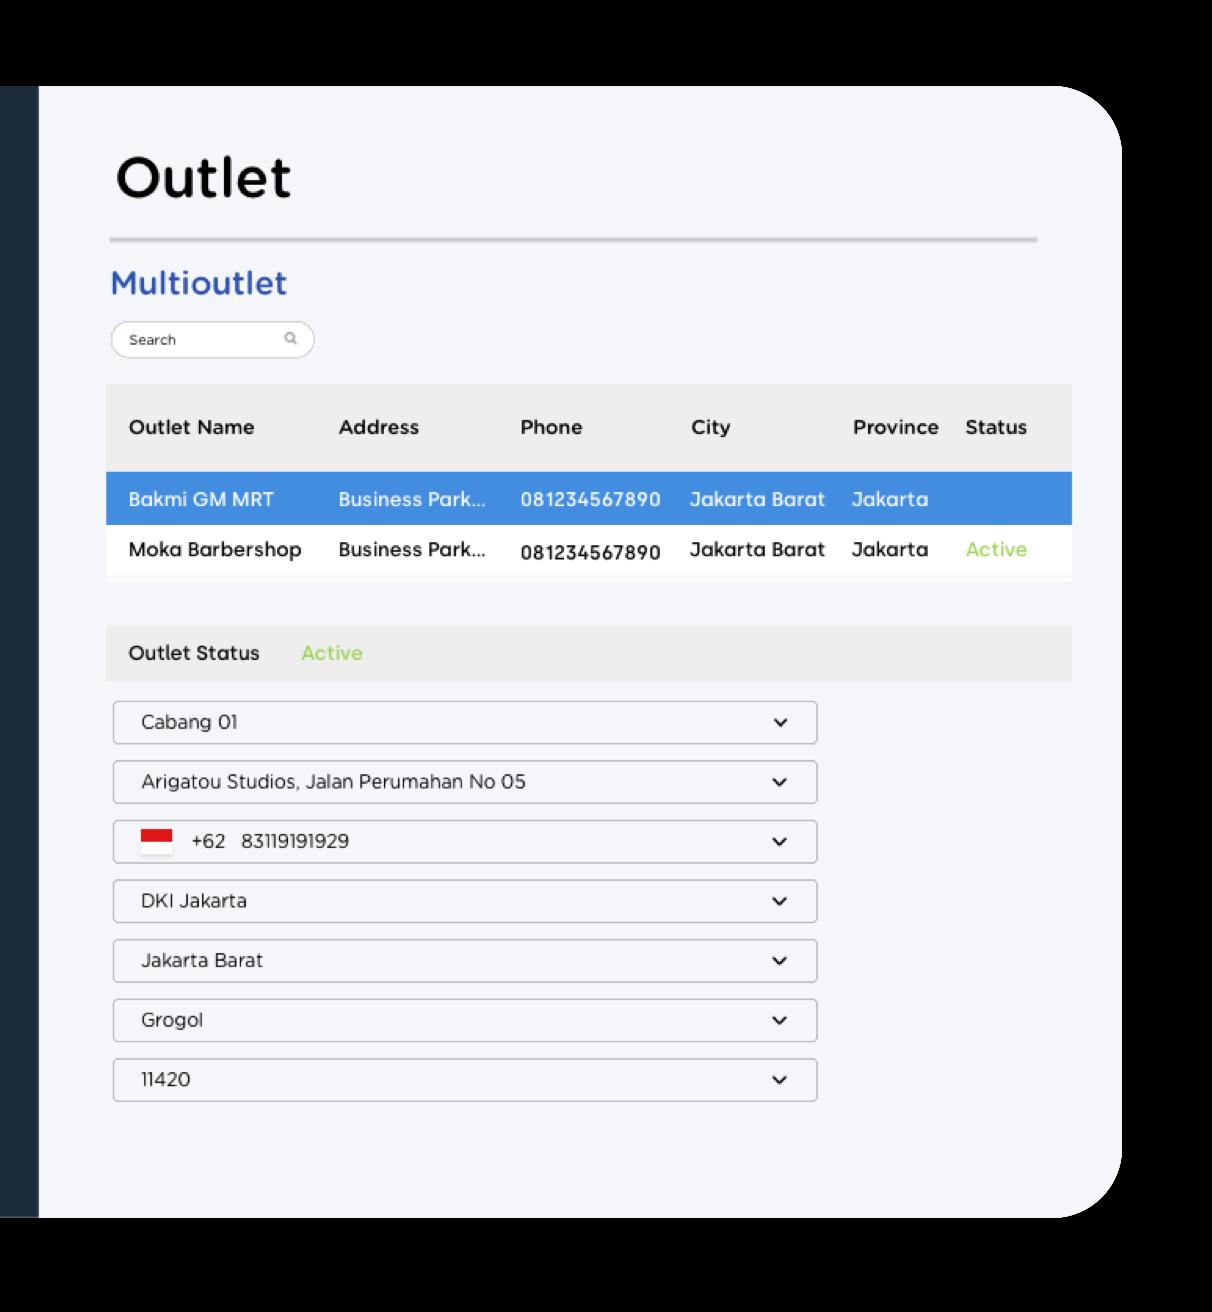 Aplikasi point of sale Moka mengembangkan bisnis dengan dasbor yang terintegrasi untuk berbagai cabang dan survey pelanggan